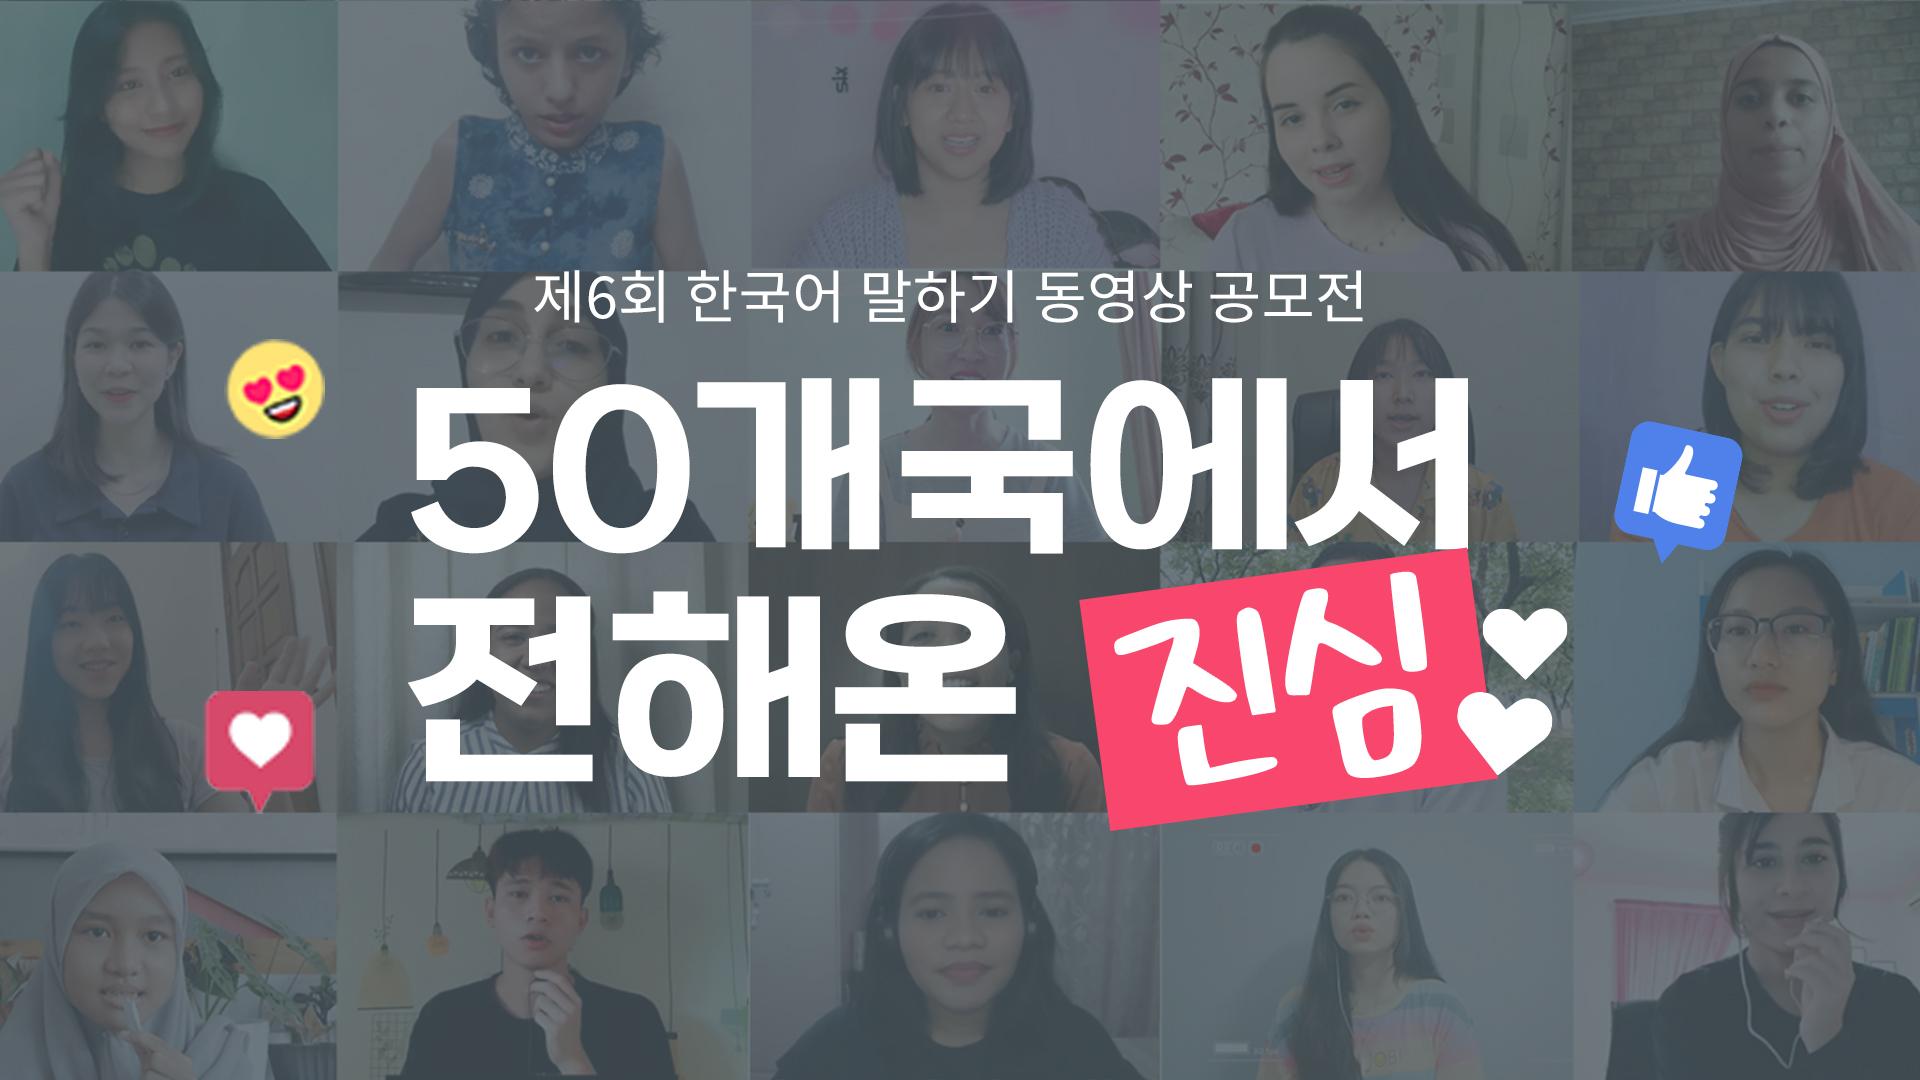 제6회 한국어 말하기 동영상 공모전 - 예선 하이라이트